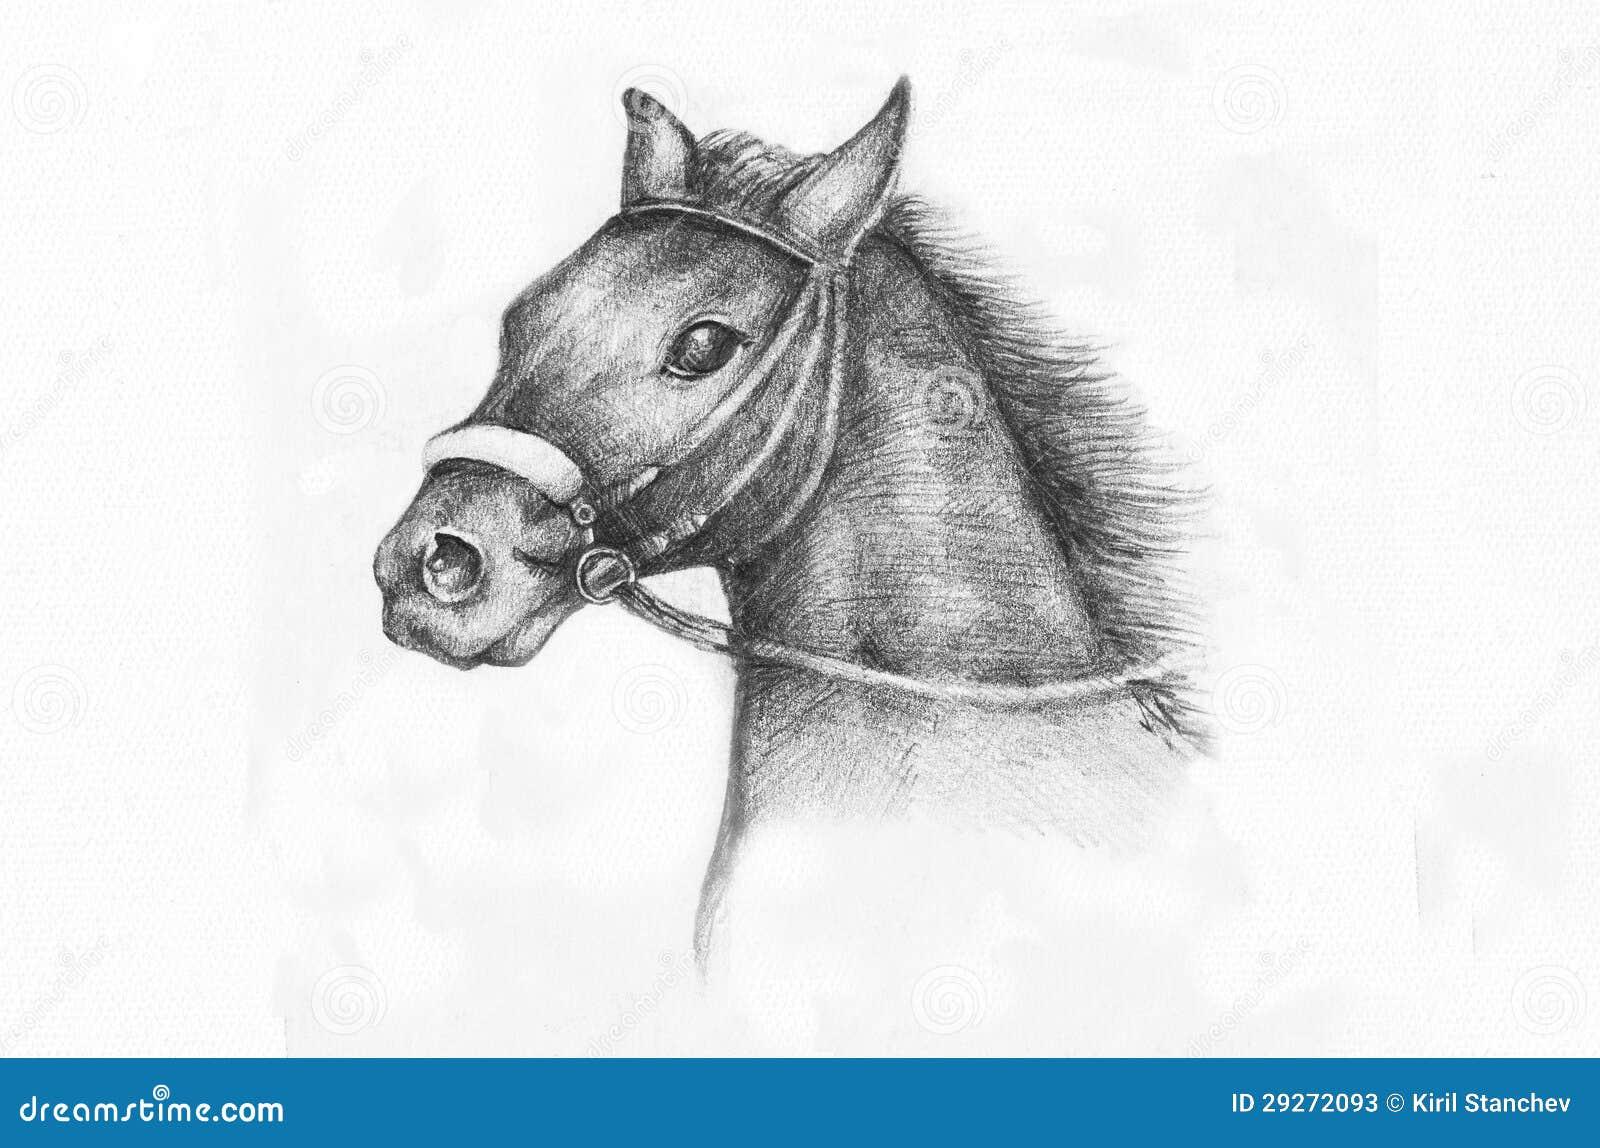 Disegno a matita di un cavallo illustrazione di stock for Disegni di cavalli a matita